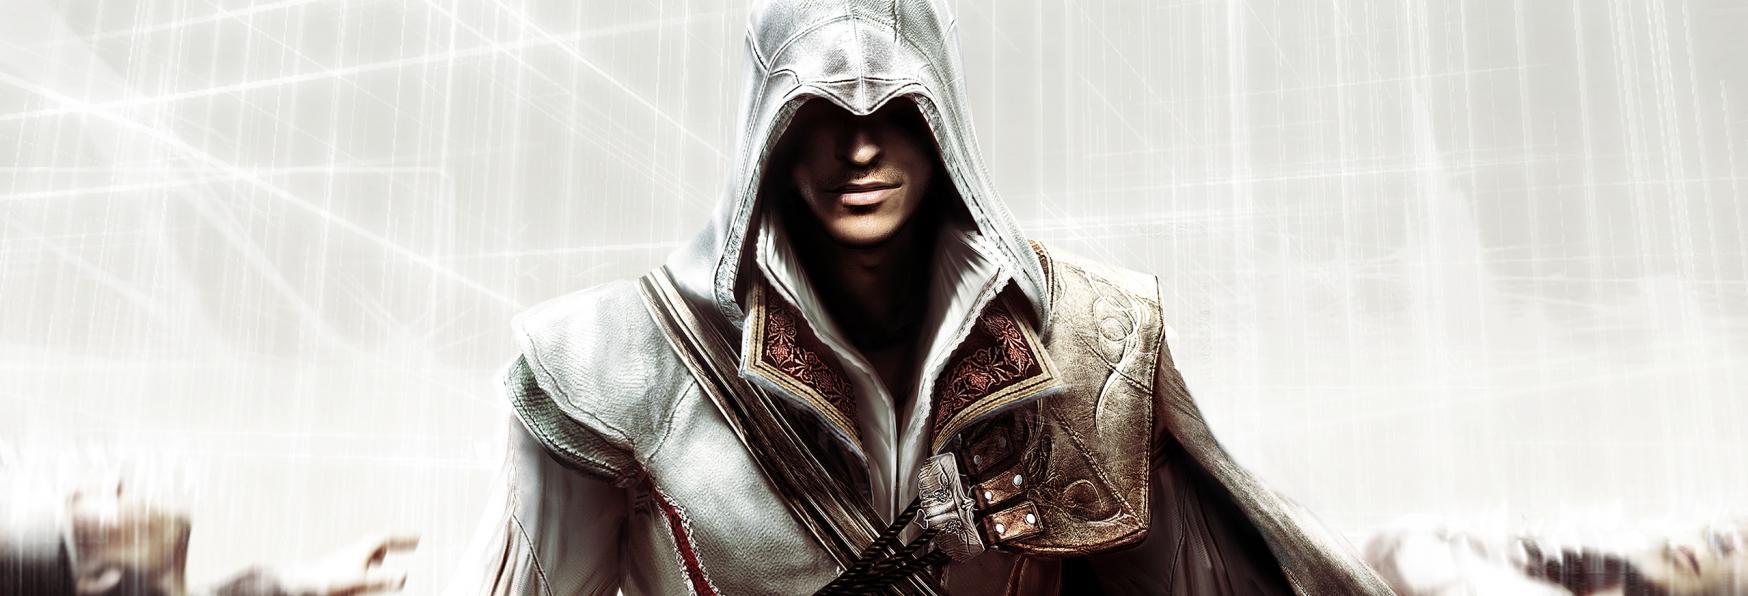 Netflix annuncia la Produzione di una nuova Serie TV Live-Action su Assassin's Creed